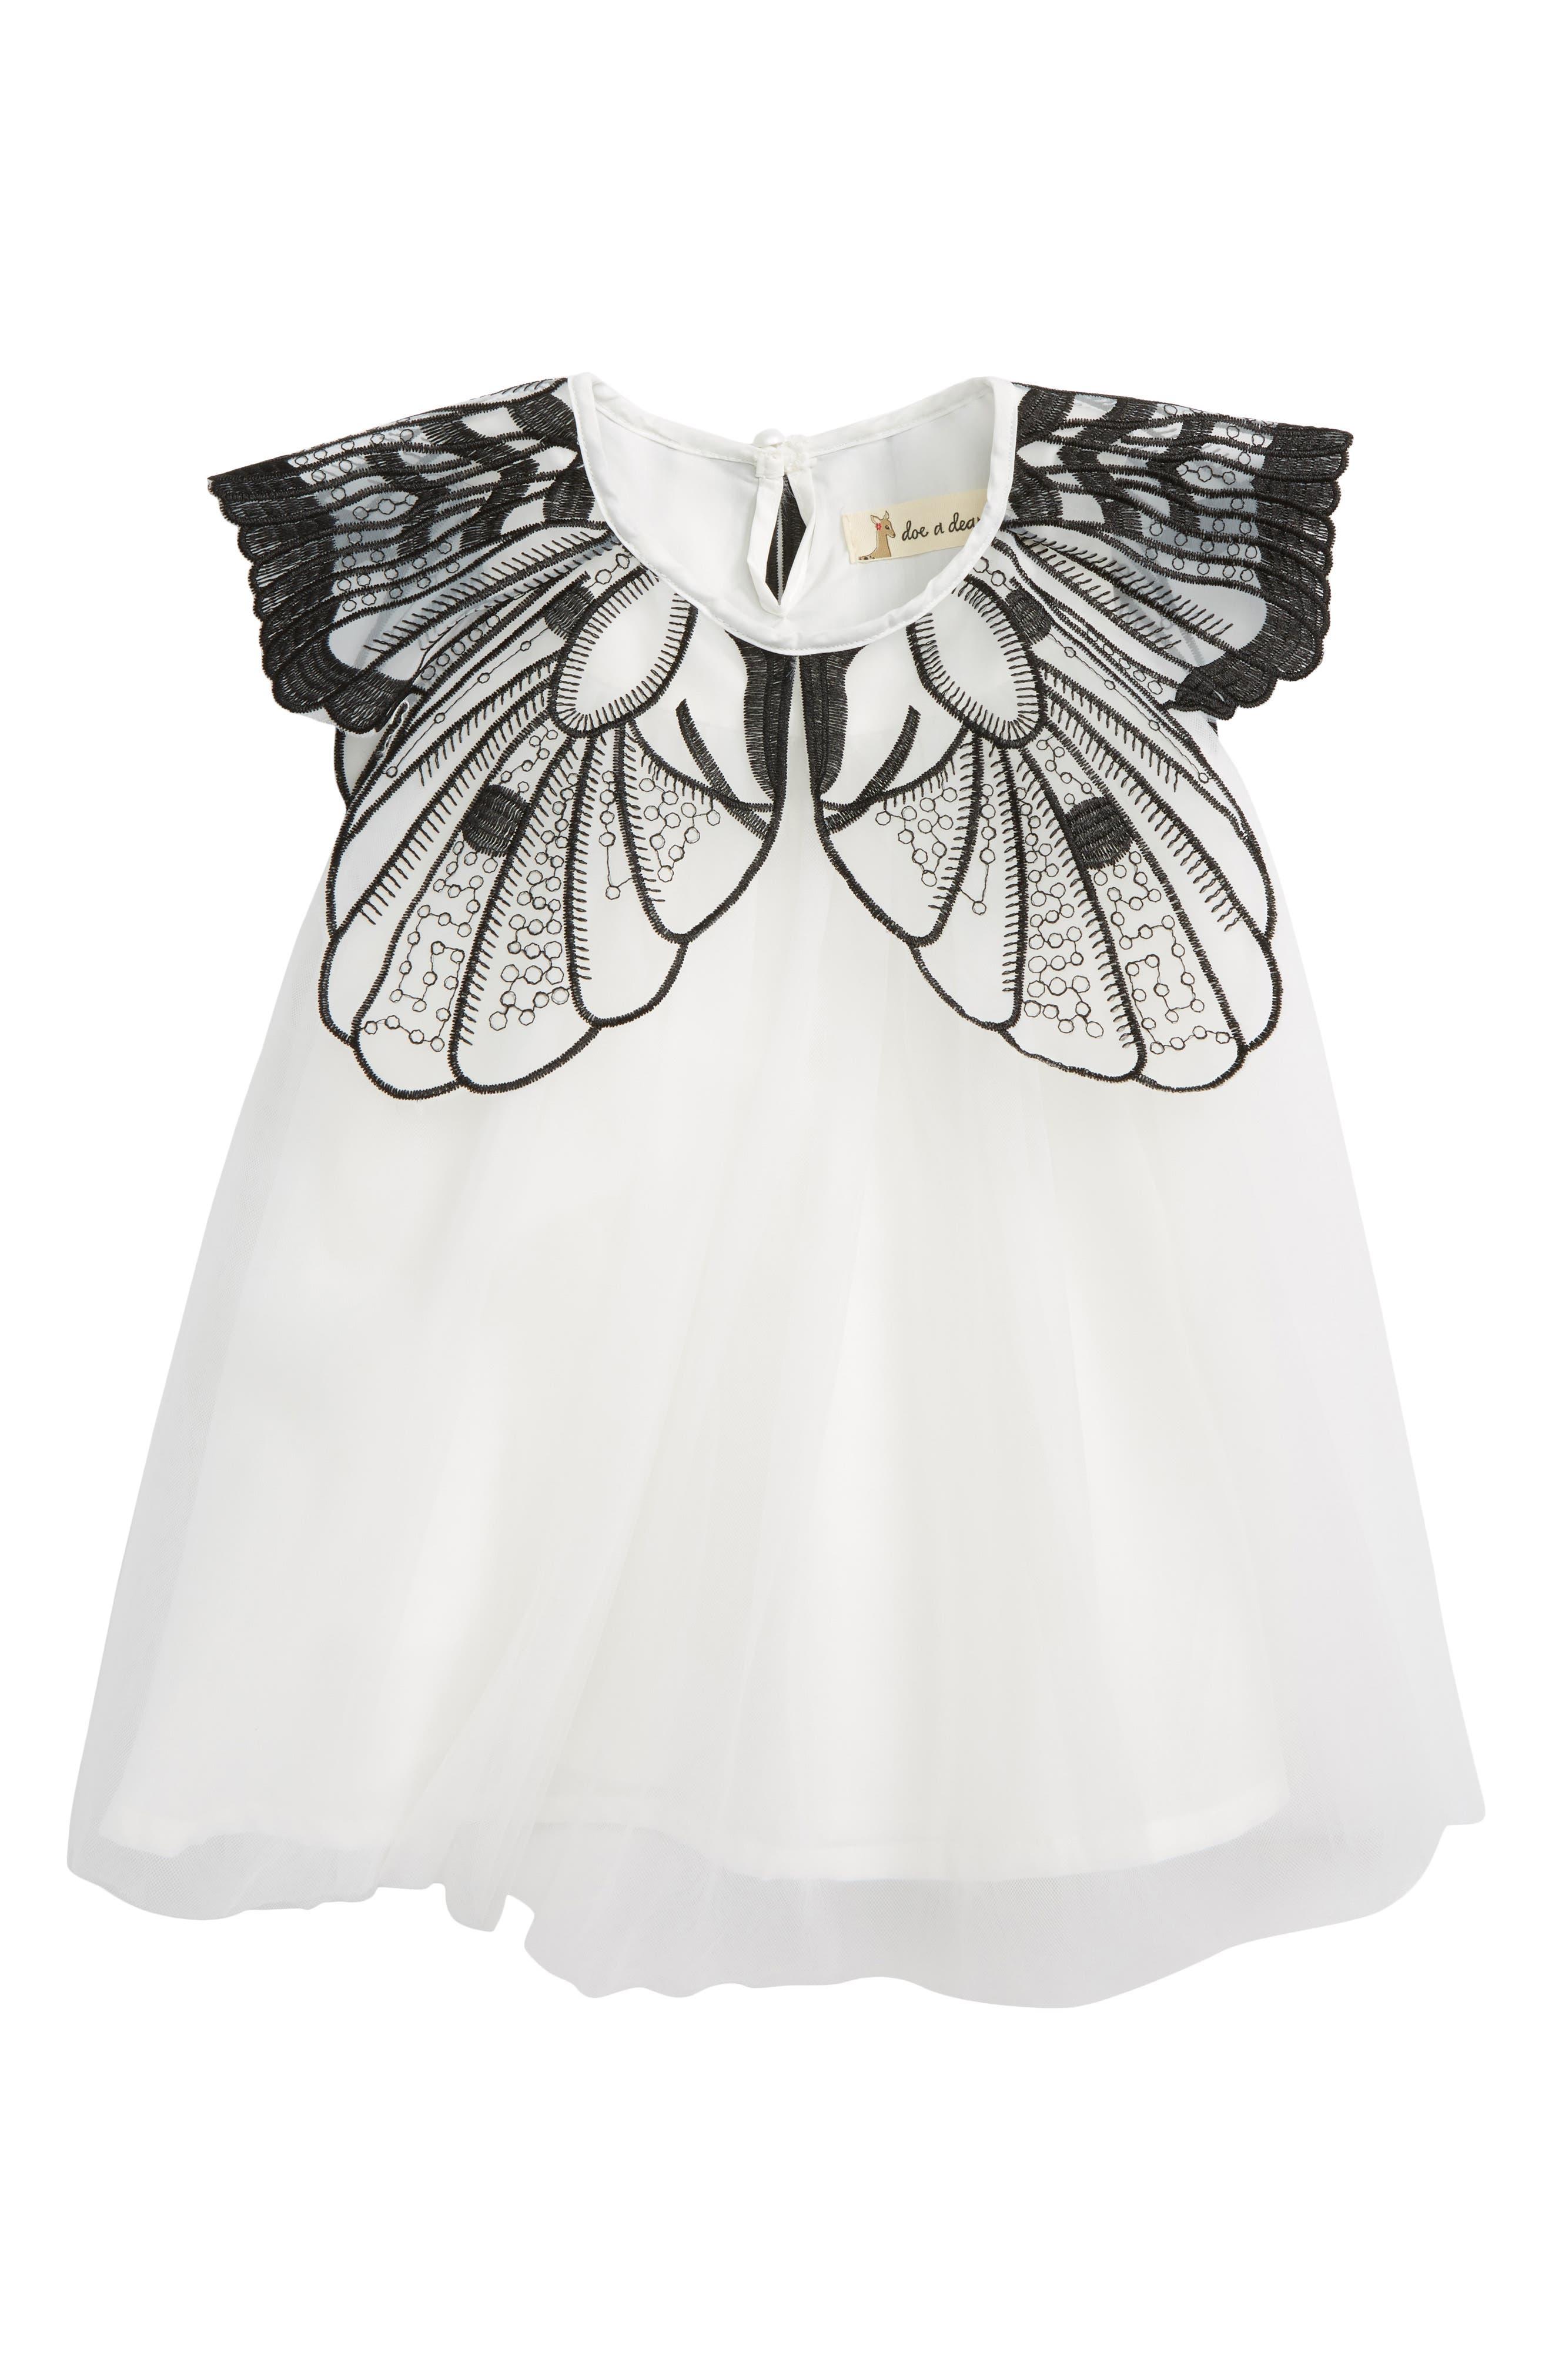 Main Image - Doe A Dear Butterfly Dress (Baby Girls)